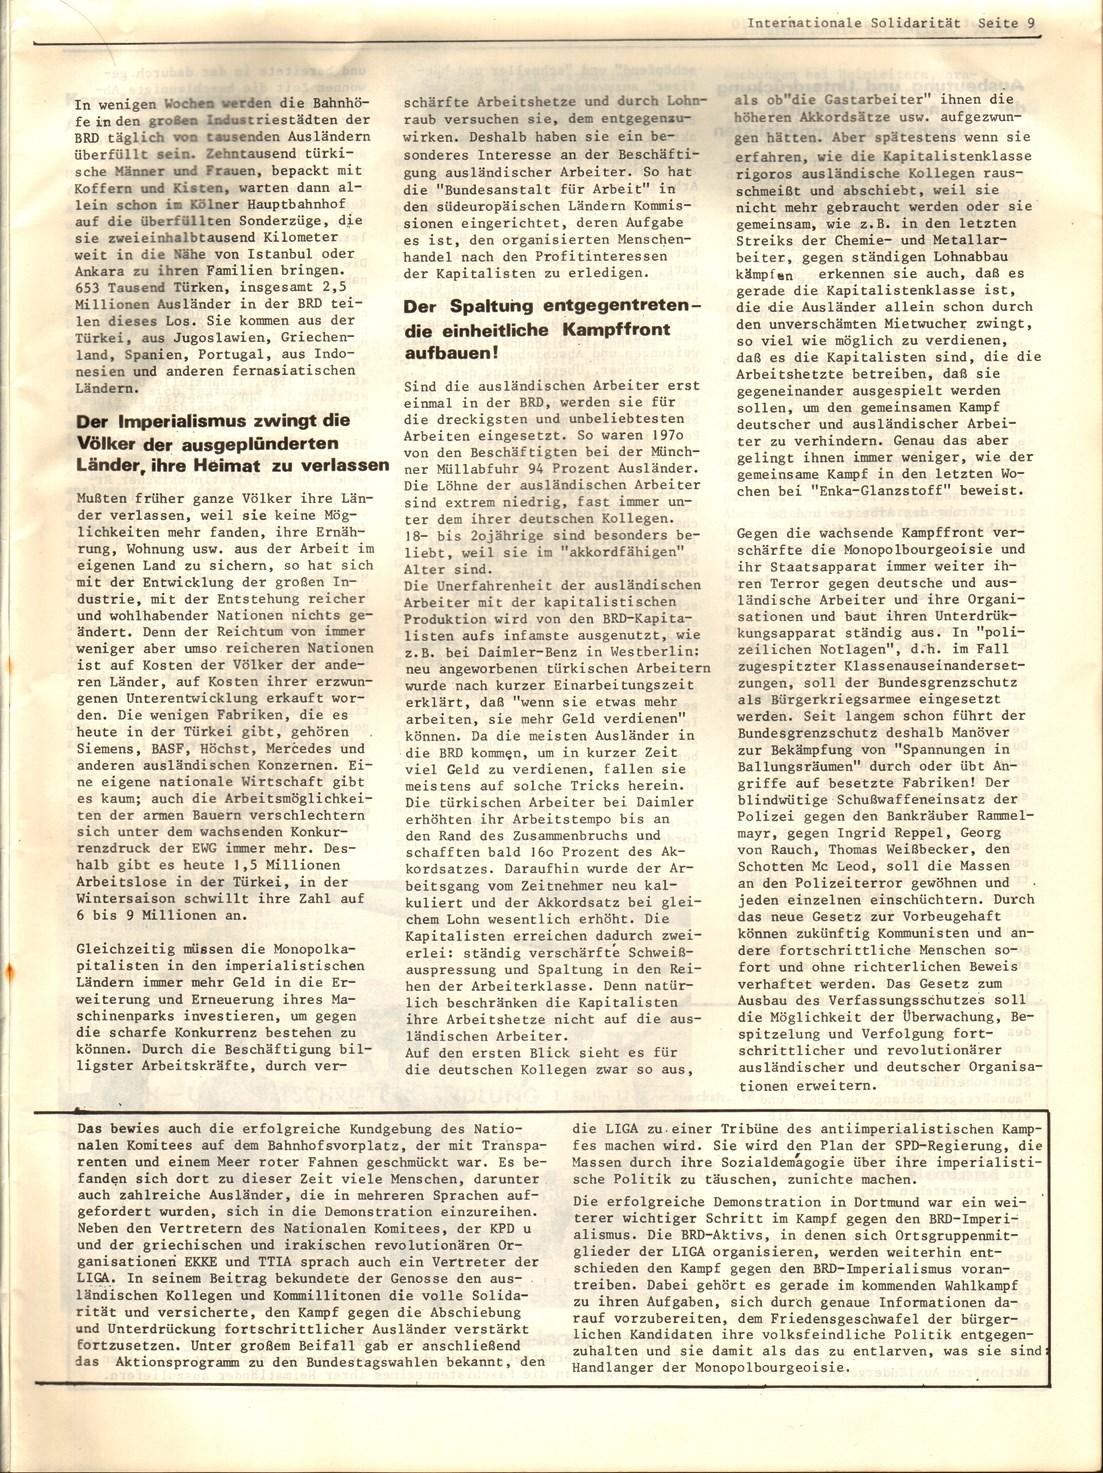 Liga_IS_1972_07_09